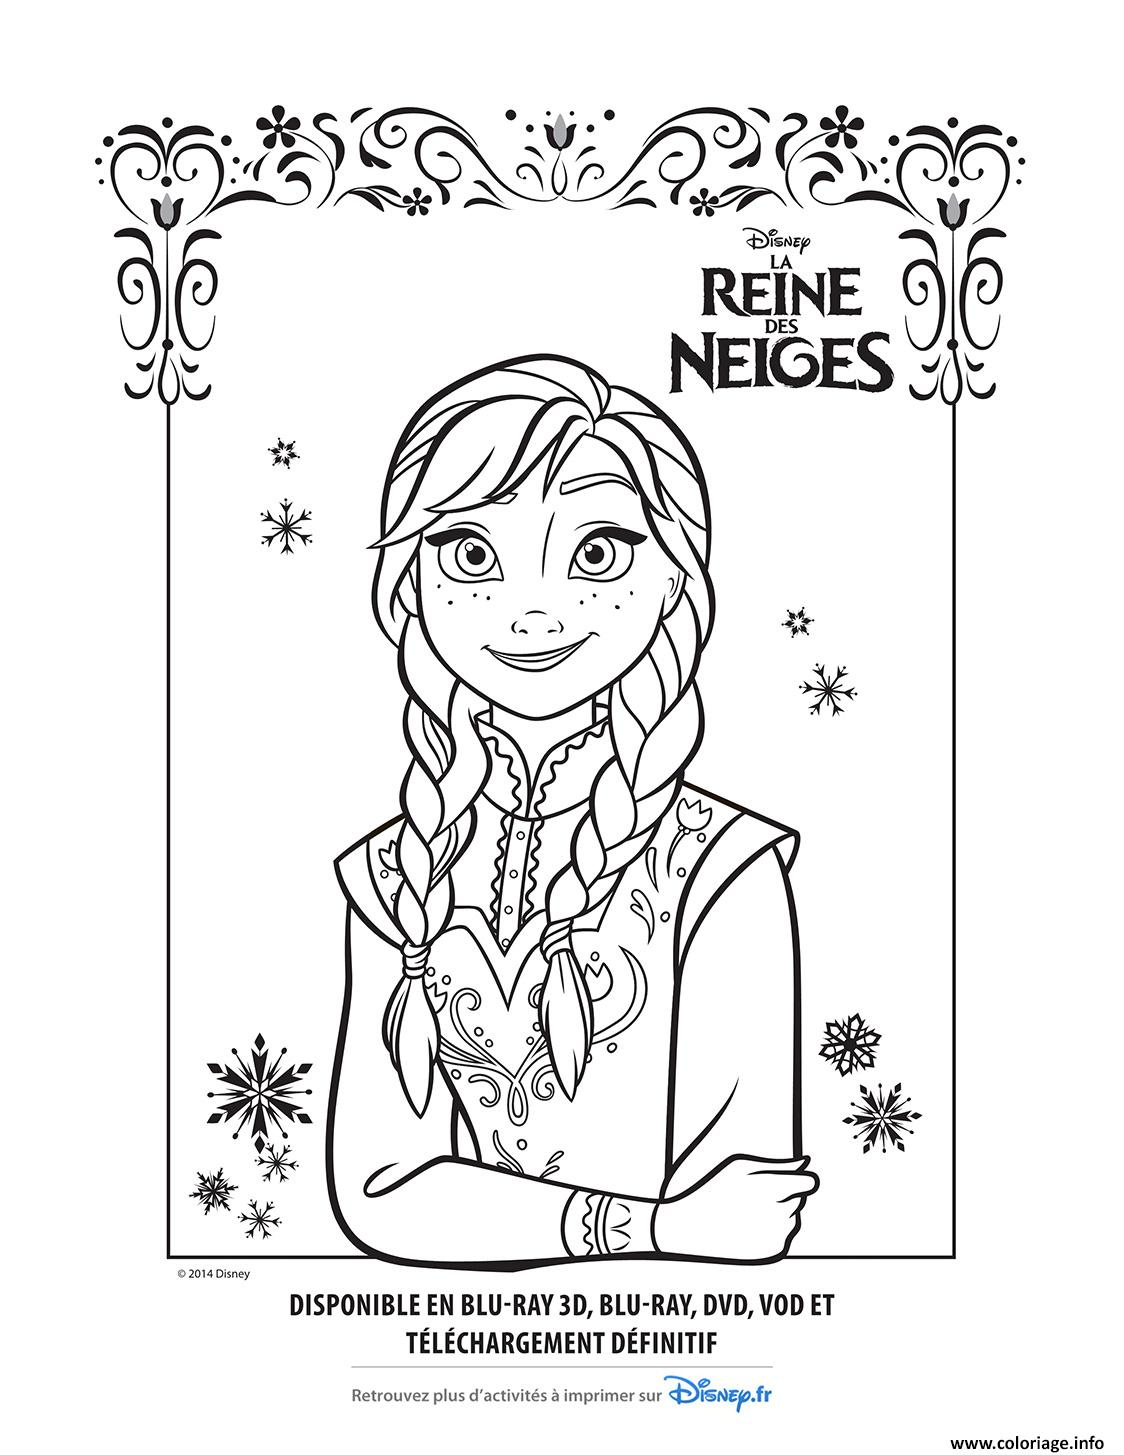 Coloriages À Imprimer : La Reine Des Neiges, Numéro : 1F0979C3 pour Coloriage À Imprimer Gratuit Reine Des Neiges